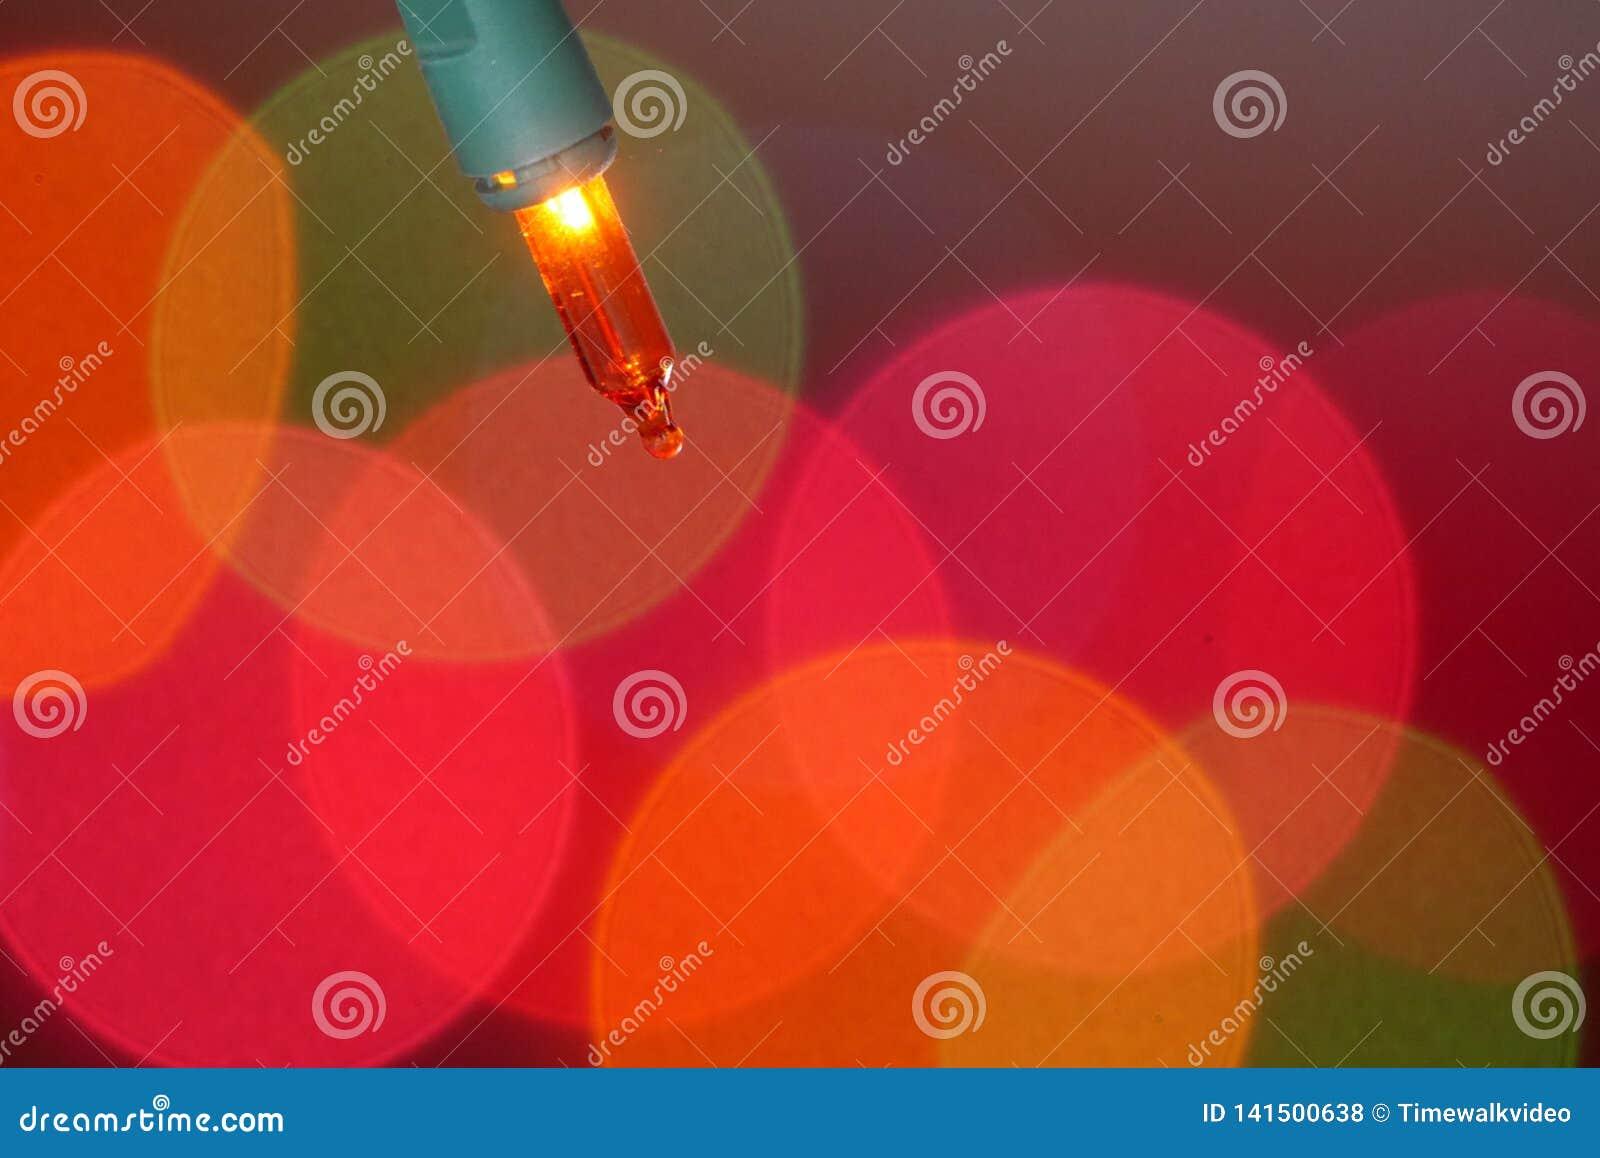 Πανέμορφος πυροβολισμός του πορτοκαλιού χριστουγεννιάτικου δέντρου lightbulb